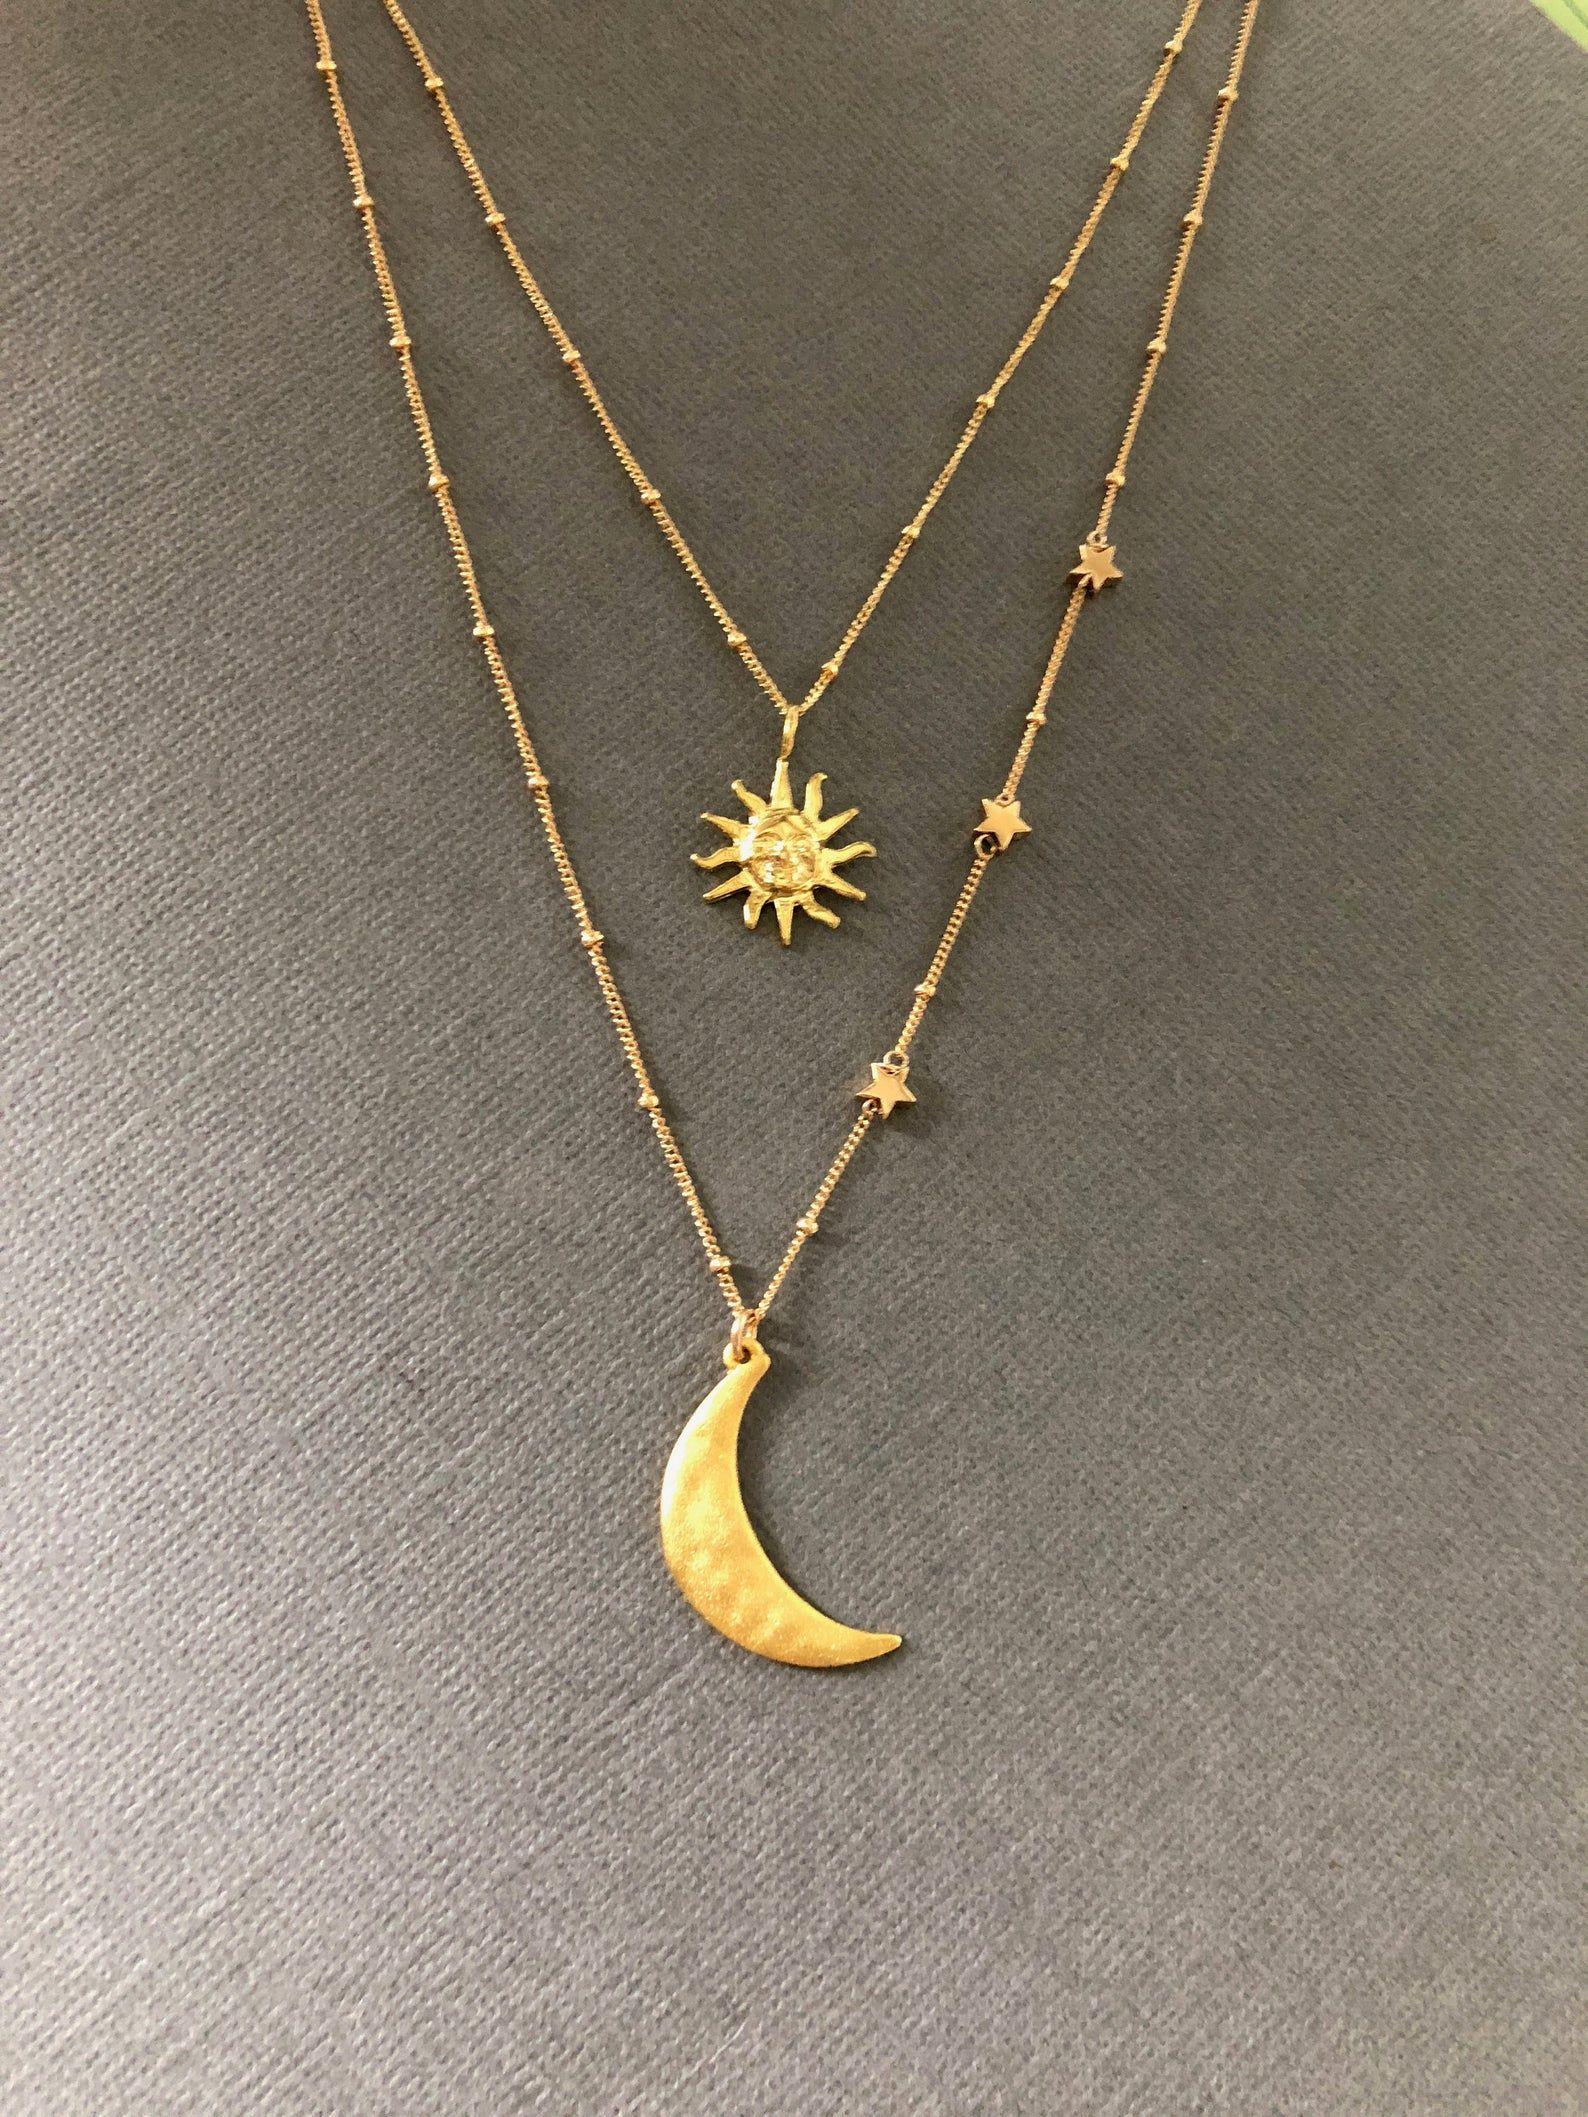 Collar Sol y Luna, Collar Luna y Estrella Vermeil 18k, Te Amo a la Luna, Collar Amistad Sol y Luna, Regalo para BFF, Muse411